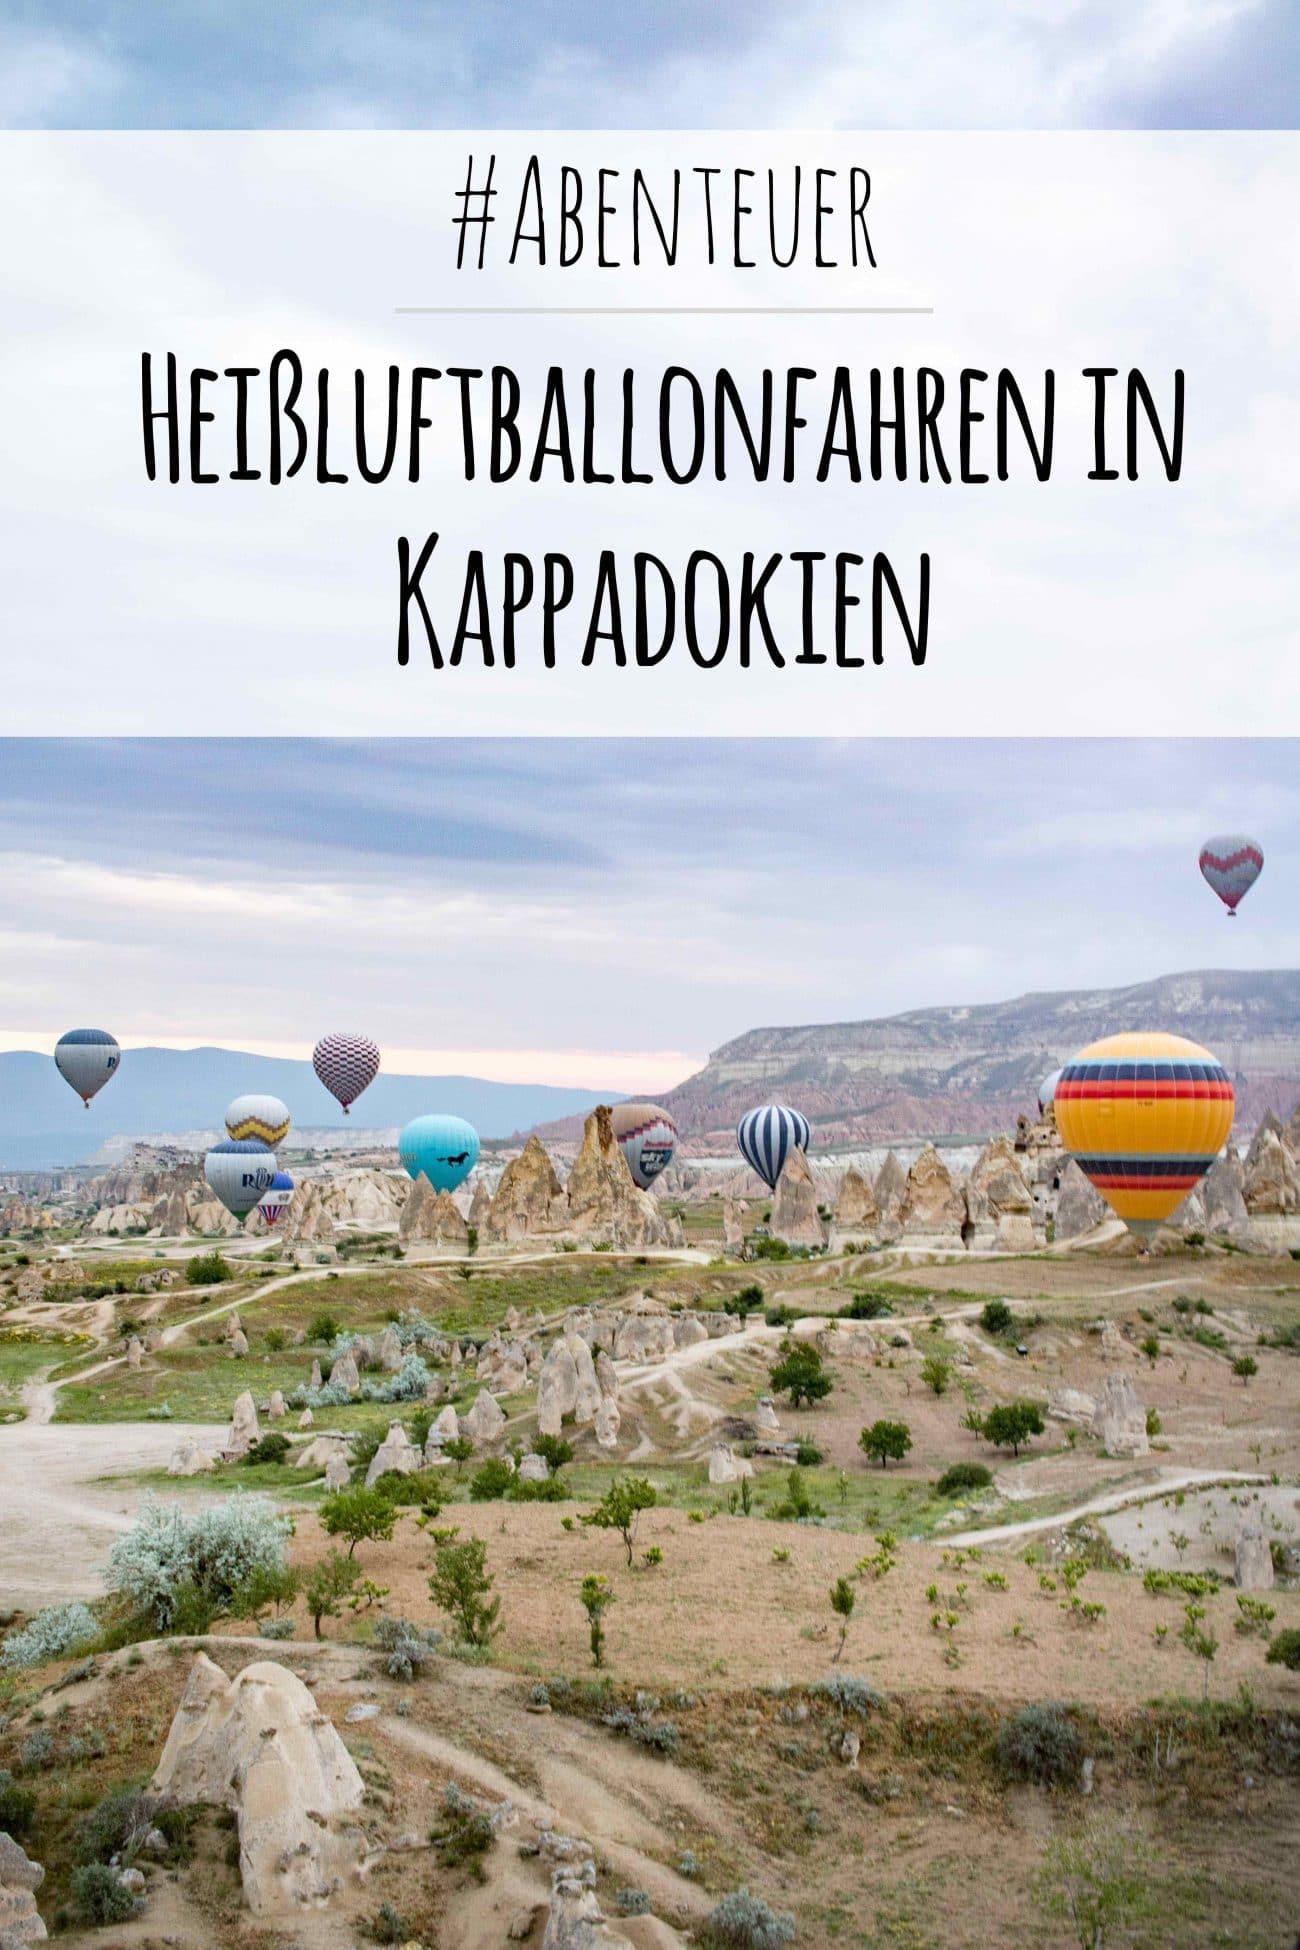 PASSENGER X in Kappadokien Ballonflug